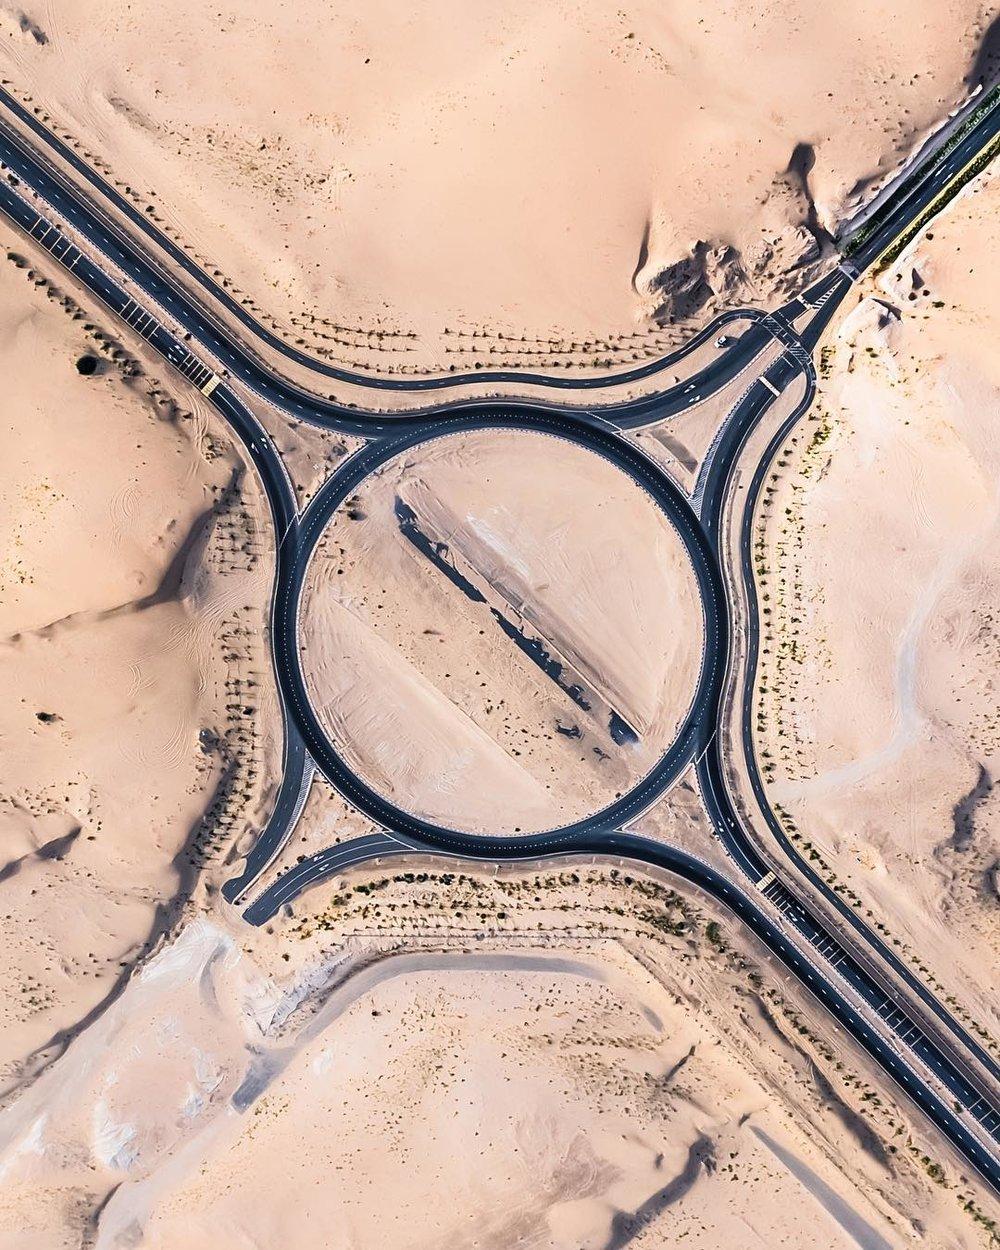 Irenaeus_Herok_Sandswept_Dubai_Highways_Moto-Mucci (9).jpg